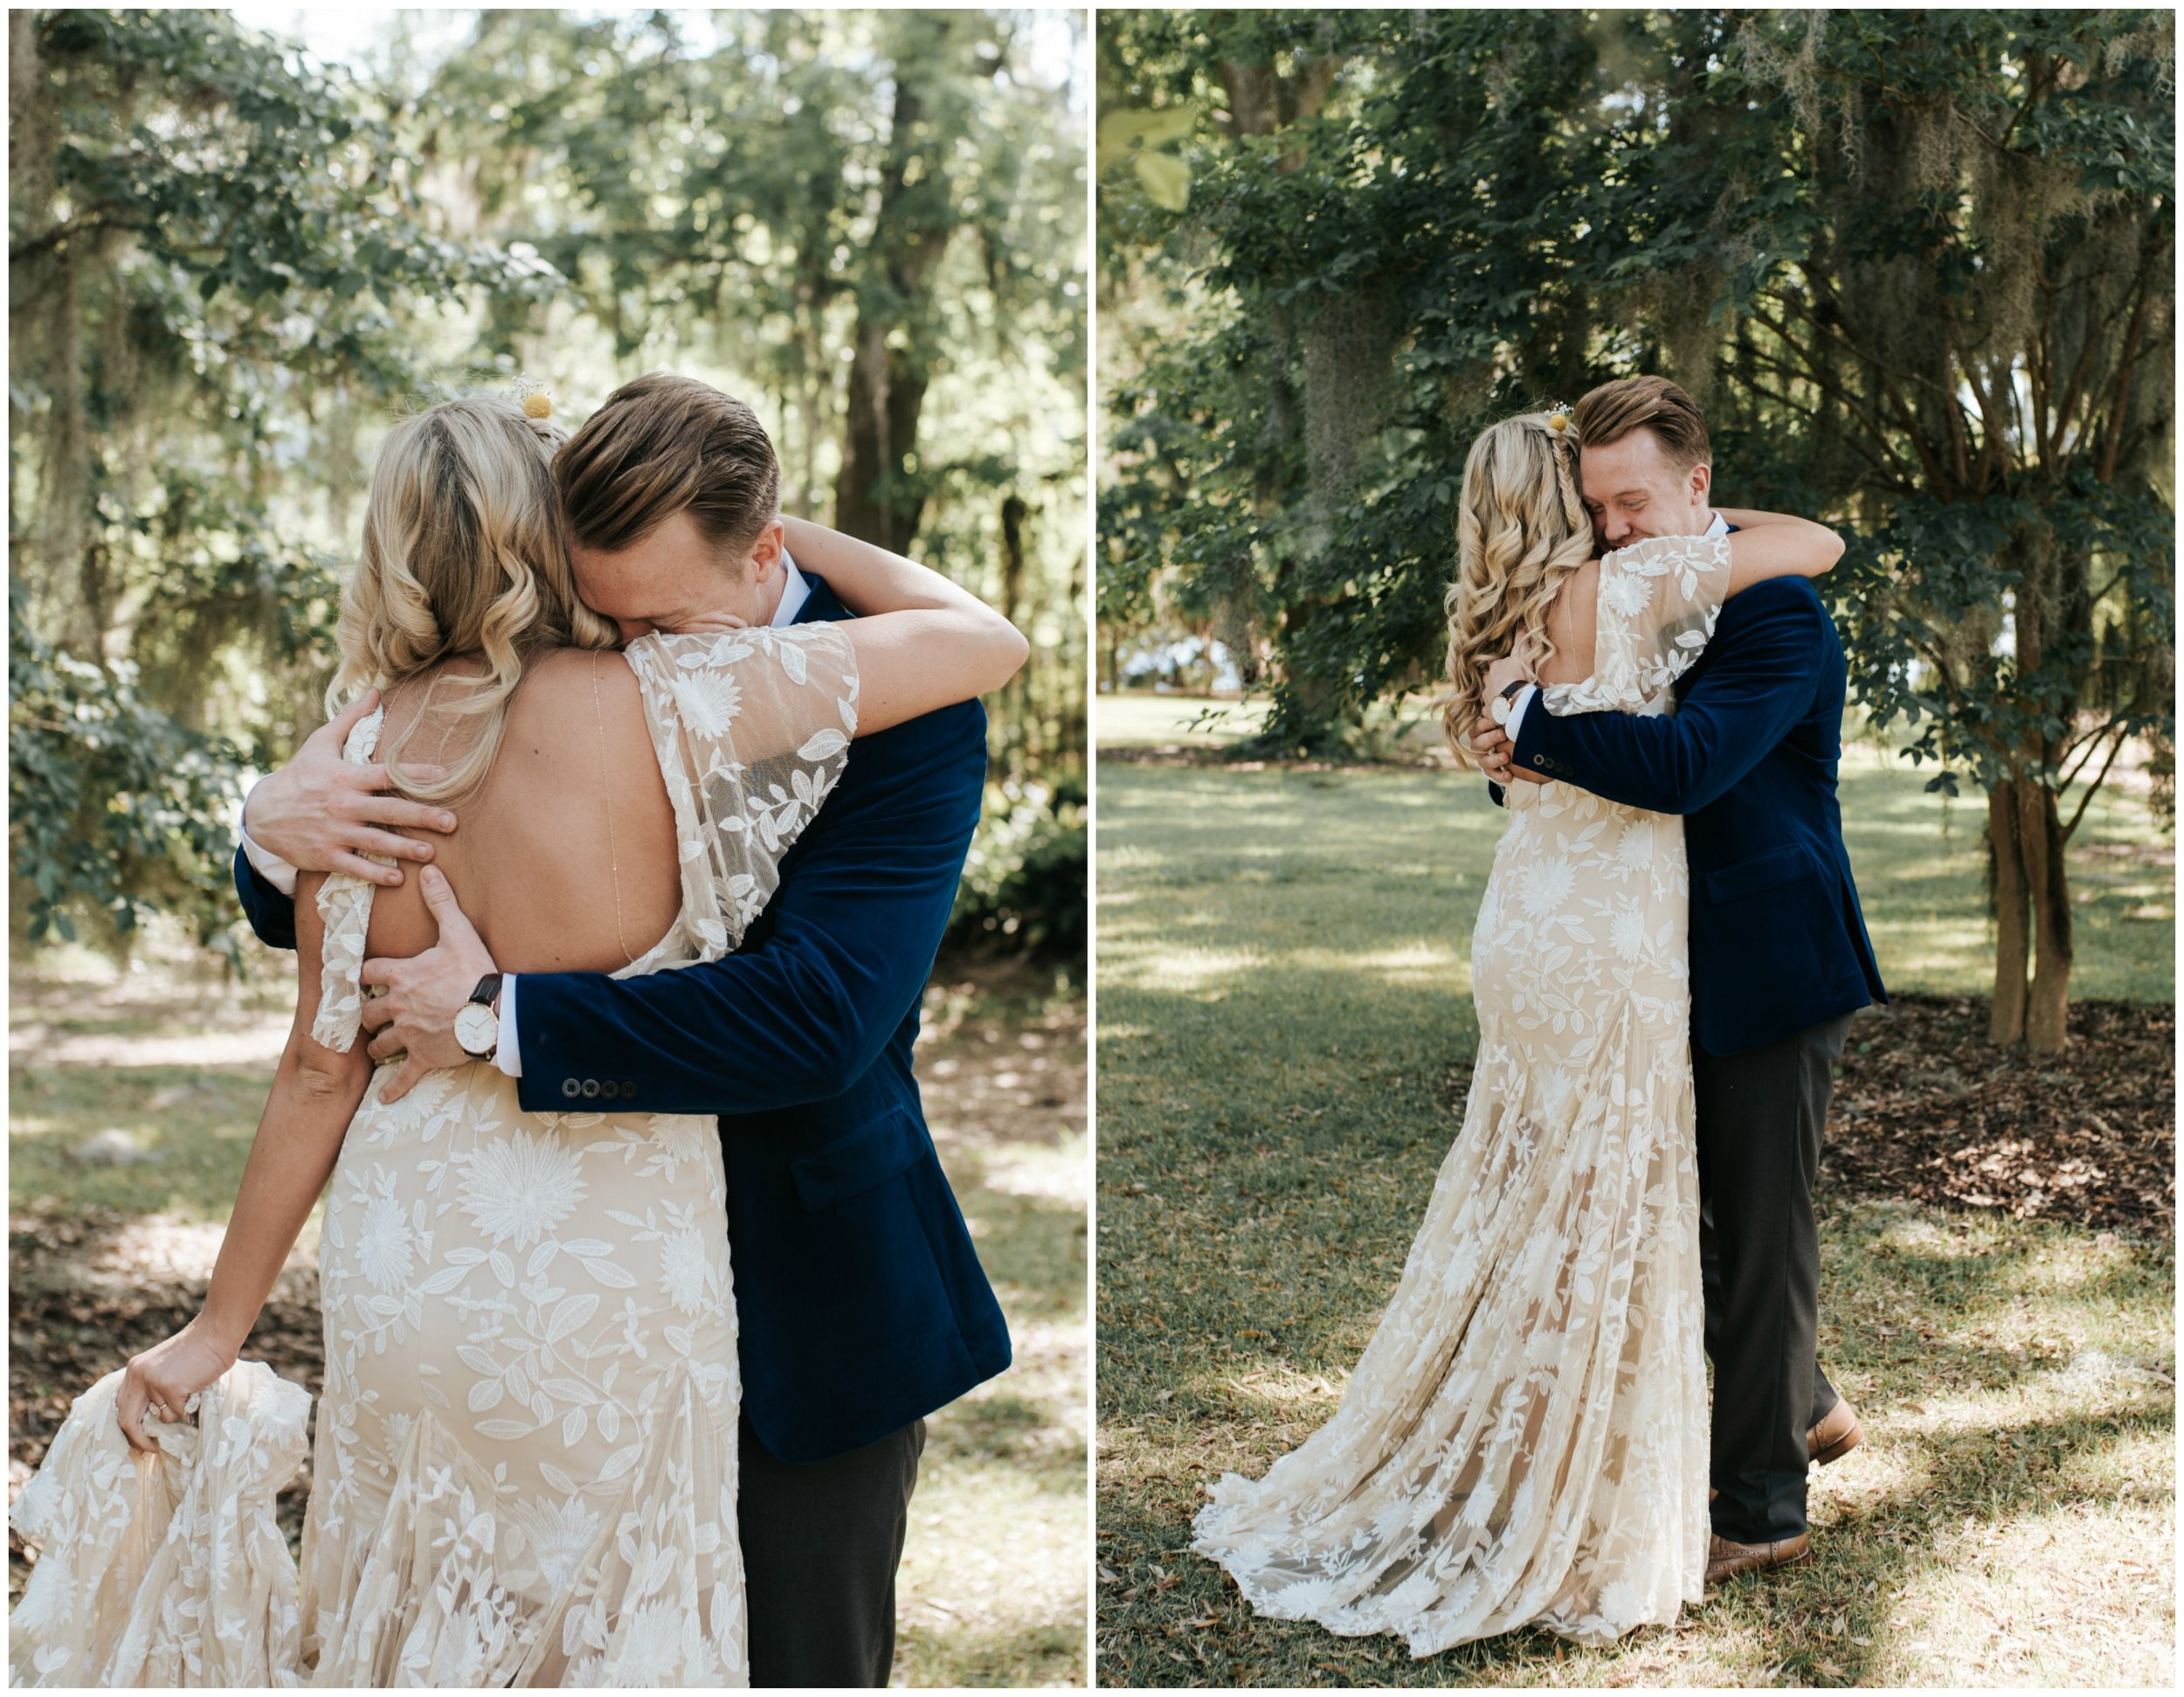 zayda-collin-wedding-first-look-hug.jpg